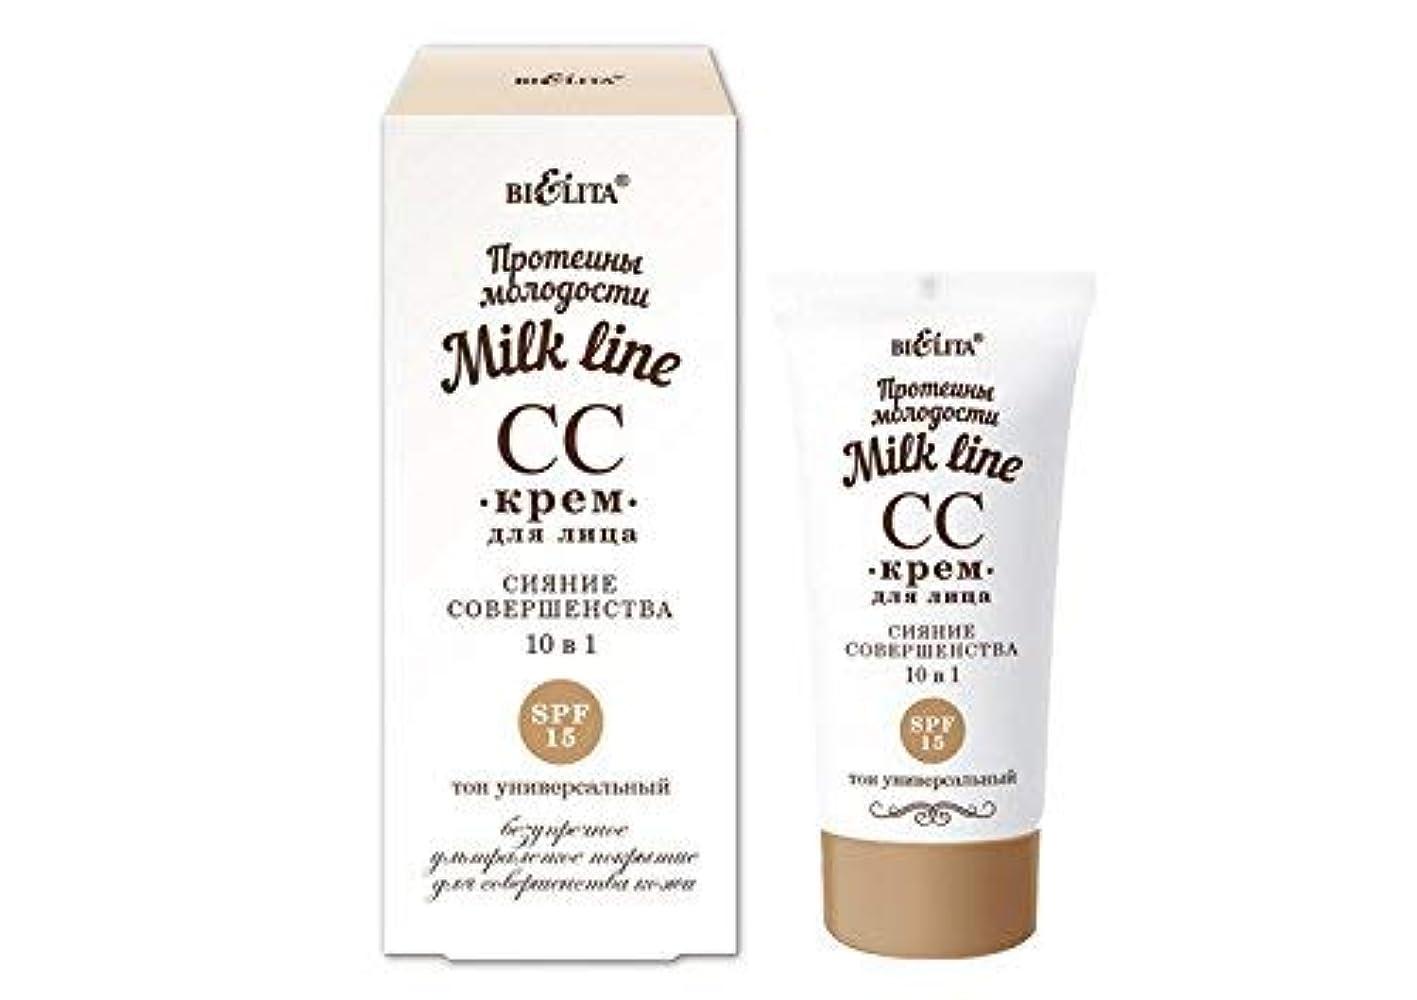 空虚名義で弁護人CC Cream,based on goat's milk Total Effects Tone Correcting Moisturizer with Sunscreen, Light to Medium 10 effects...